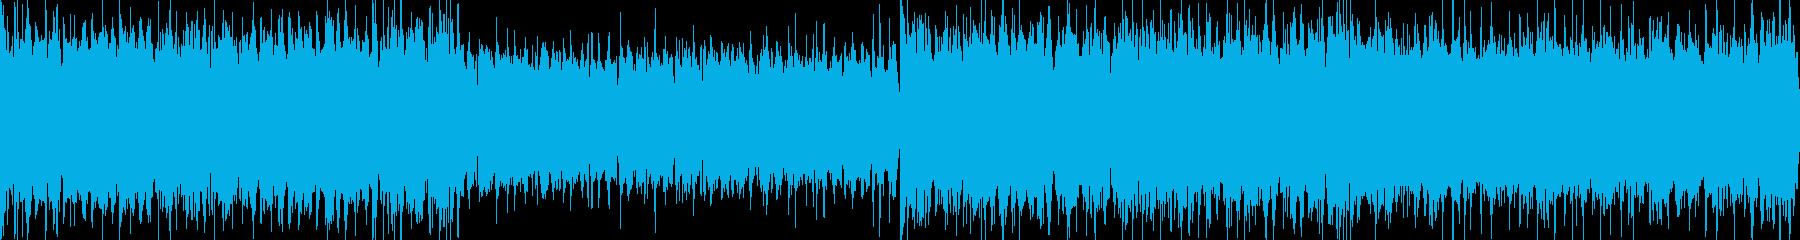 【ループ】派手で豪華なお城風BGMの再生済みの波形